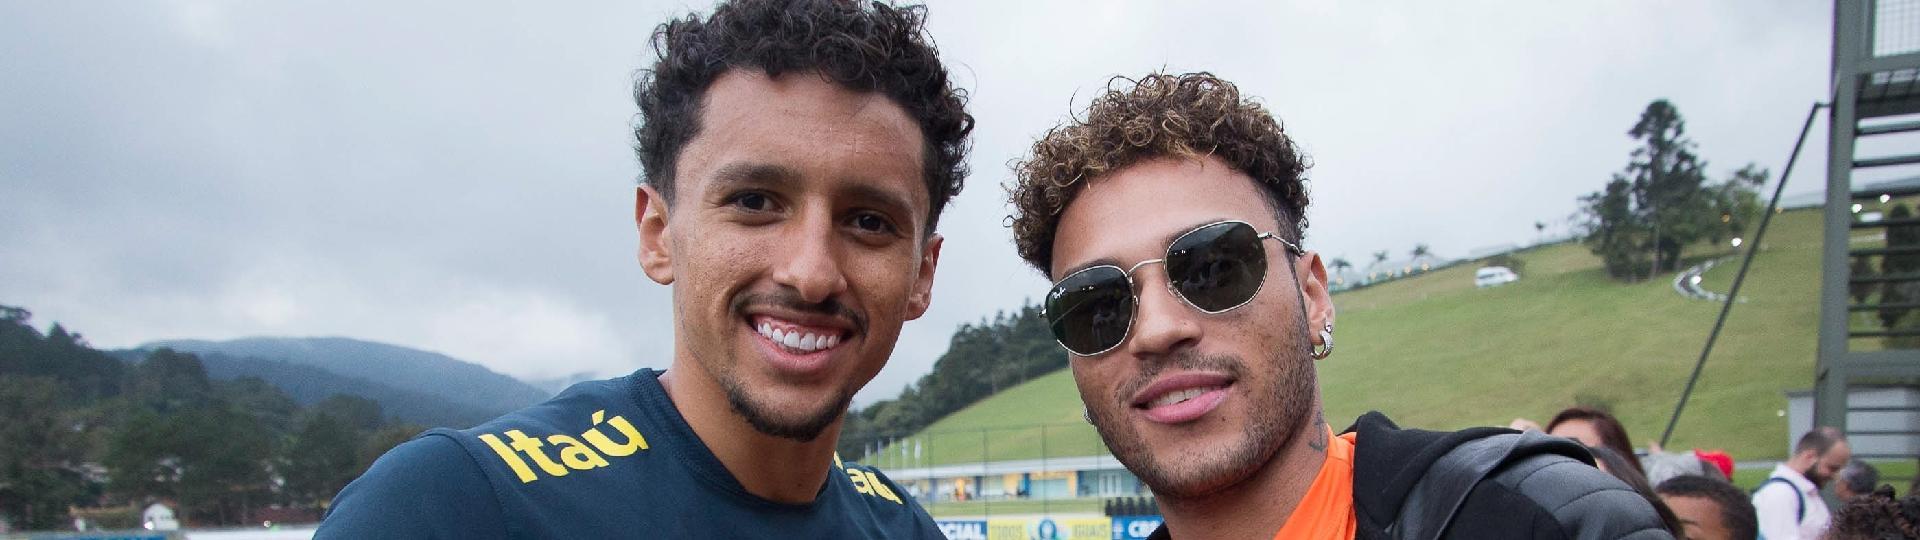 Gabriel Lucas, sósia de Neymar, tira foto com Marquinhos durante treino da seleção brasileira